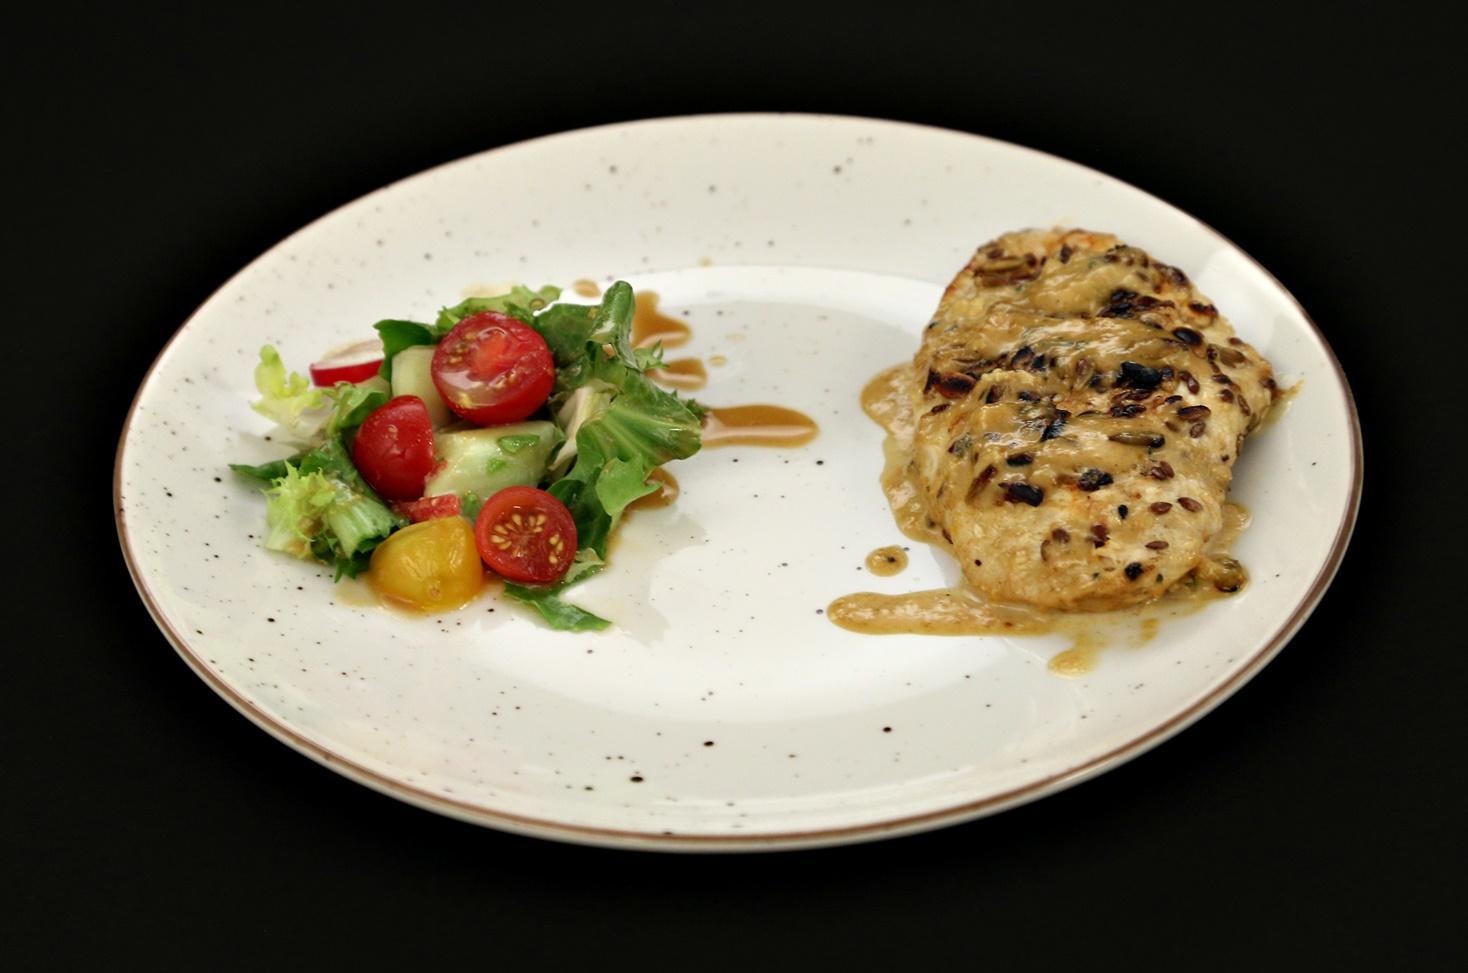 Piept de pui în crustă de semințe și sos gorgonzola cu coniac